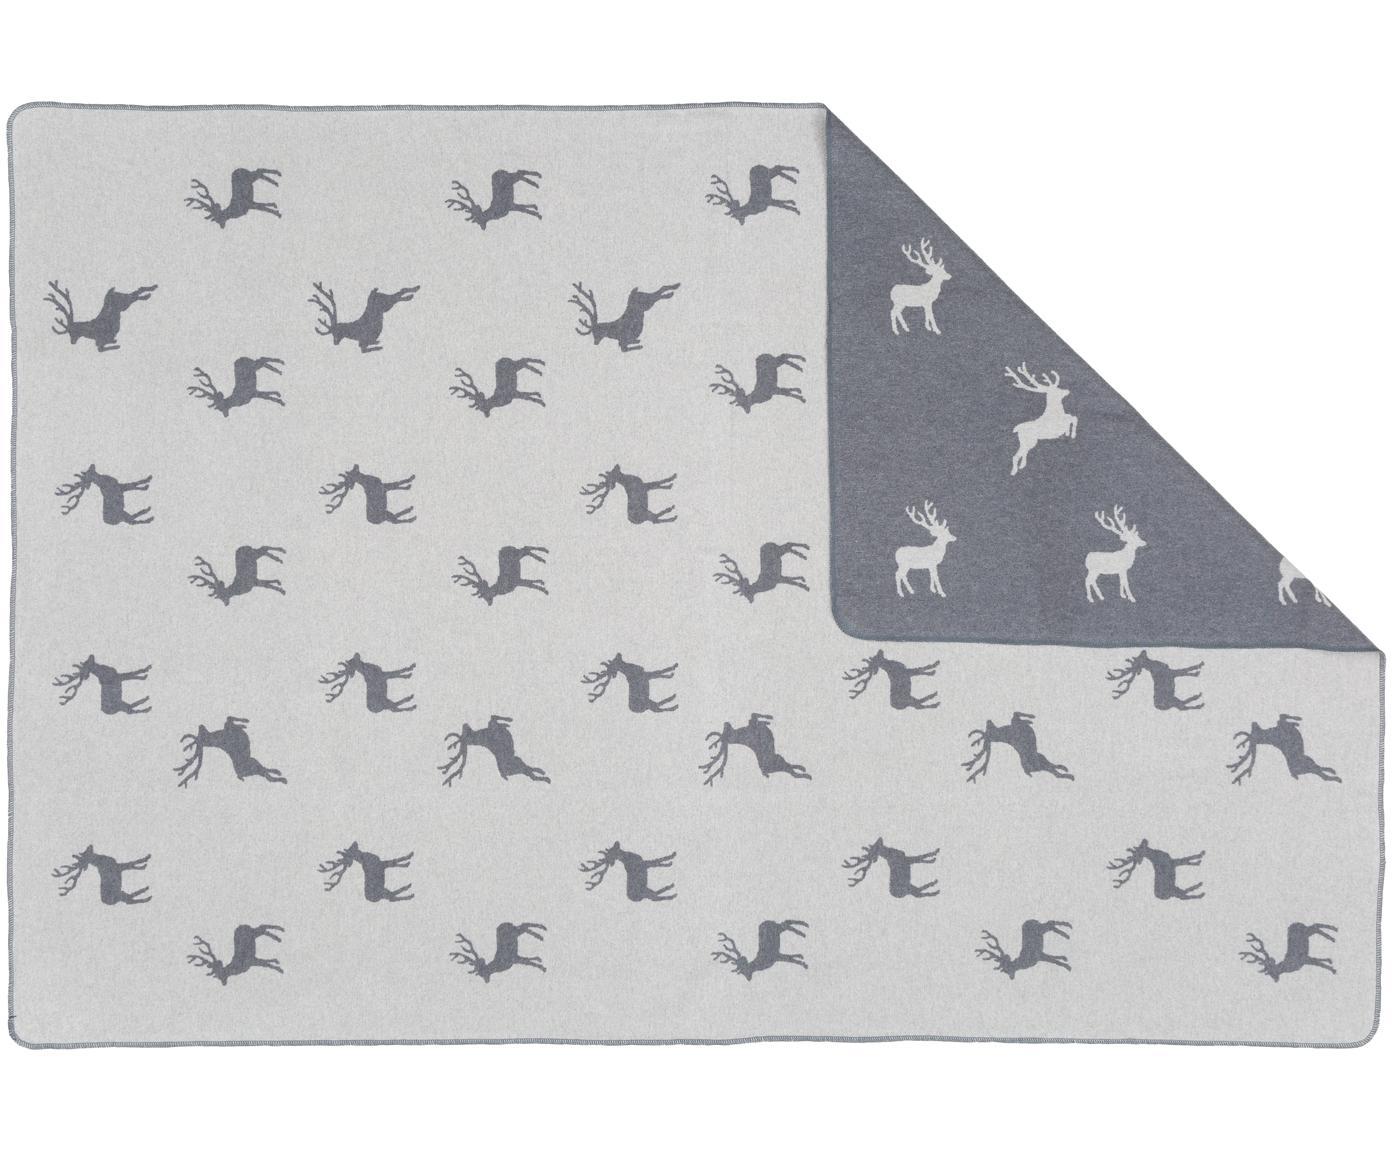 Fleece-Wendeplaid Silvretta Hirsch, 85%Baumwolle, 8%Viskose, 7%Polyacryl, Anthrazit, Grau, 140 x 200 cm